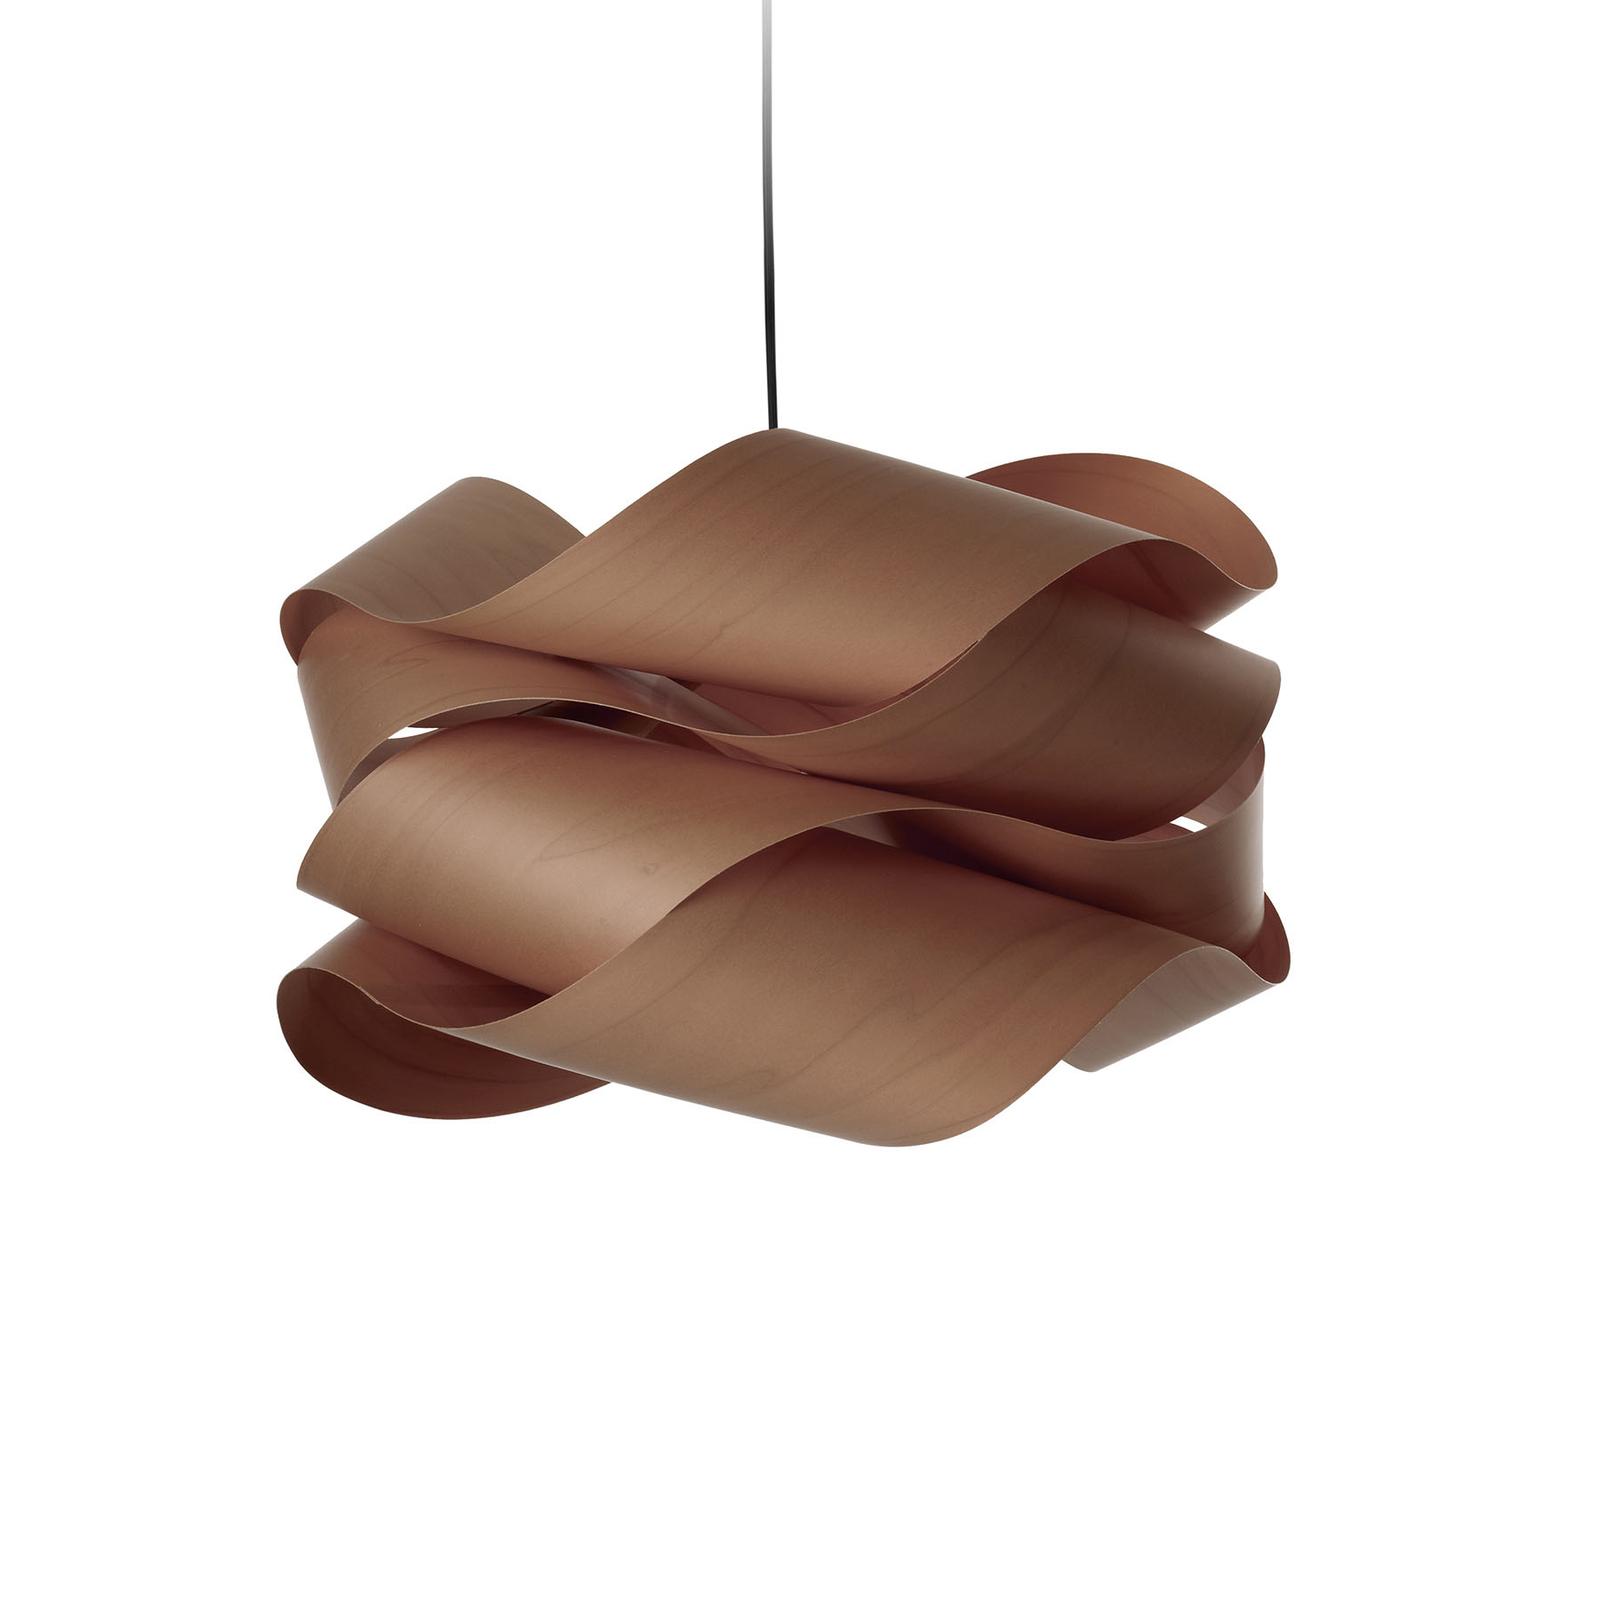 LZF Link hengelampe Ø 46 cm, sjokolade